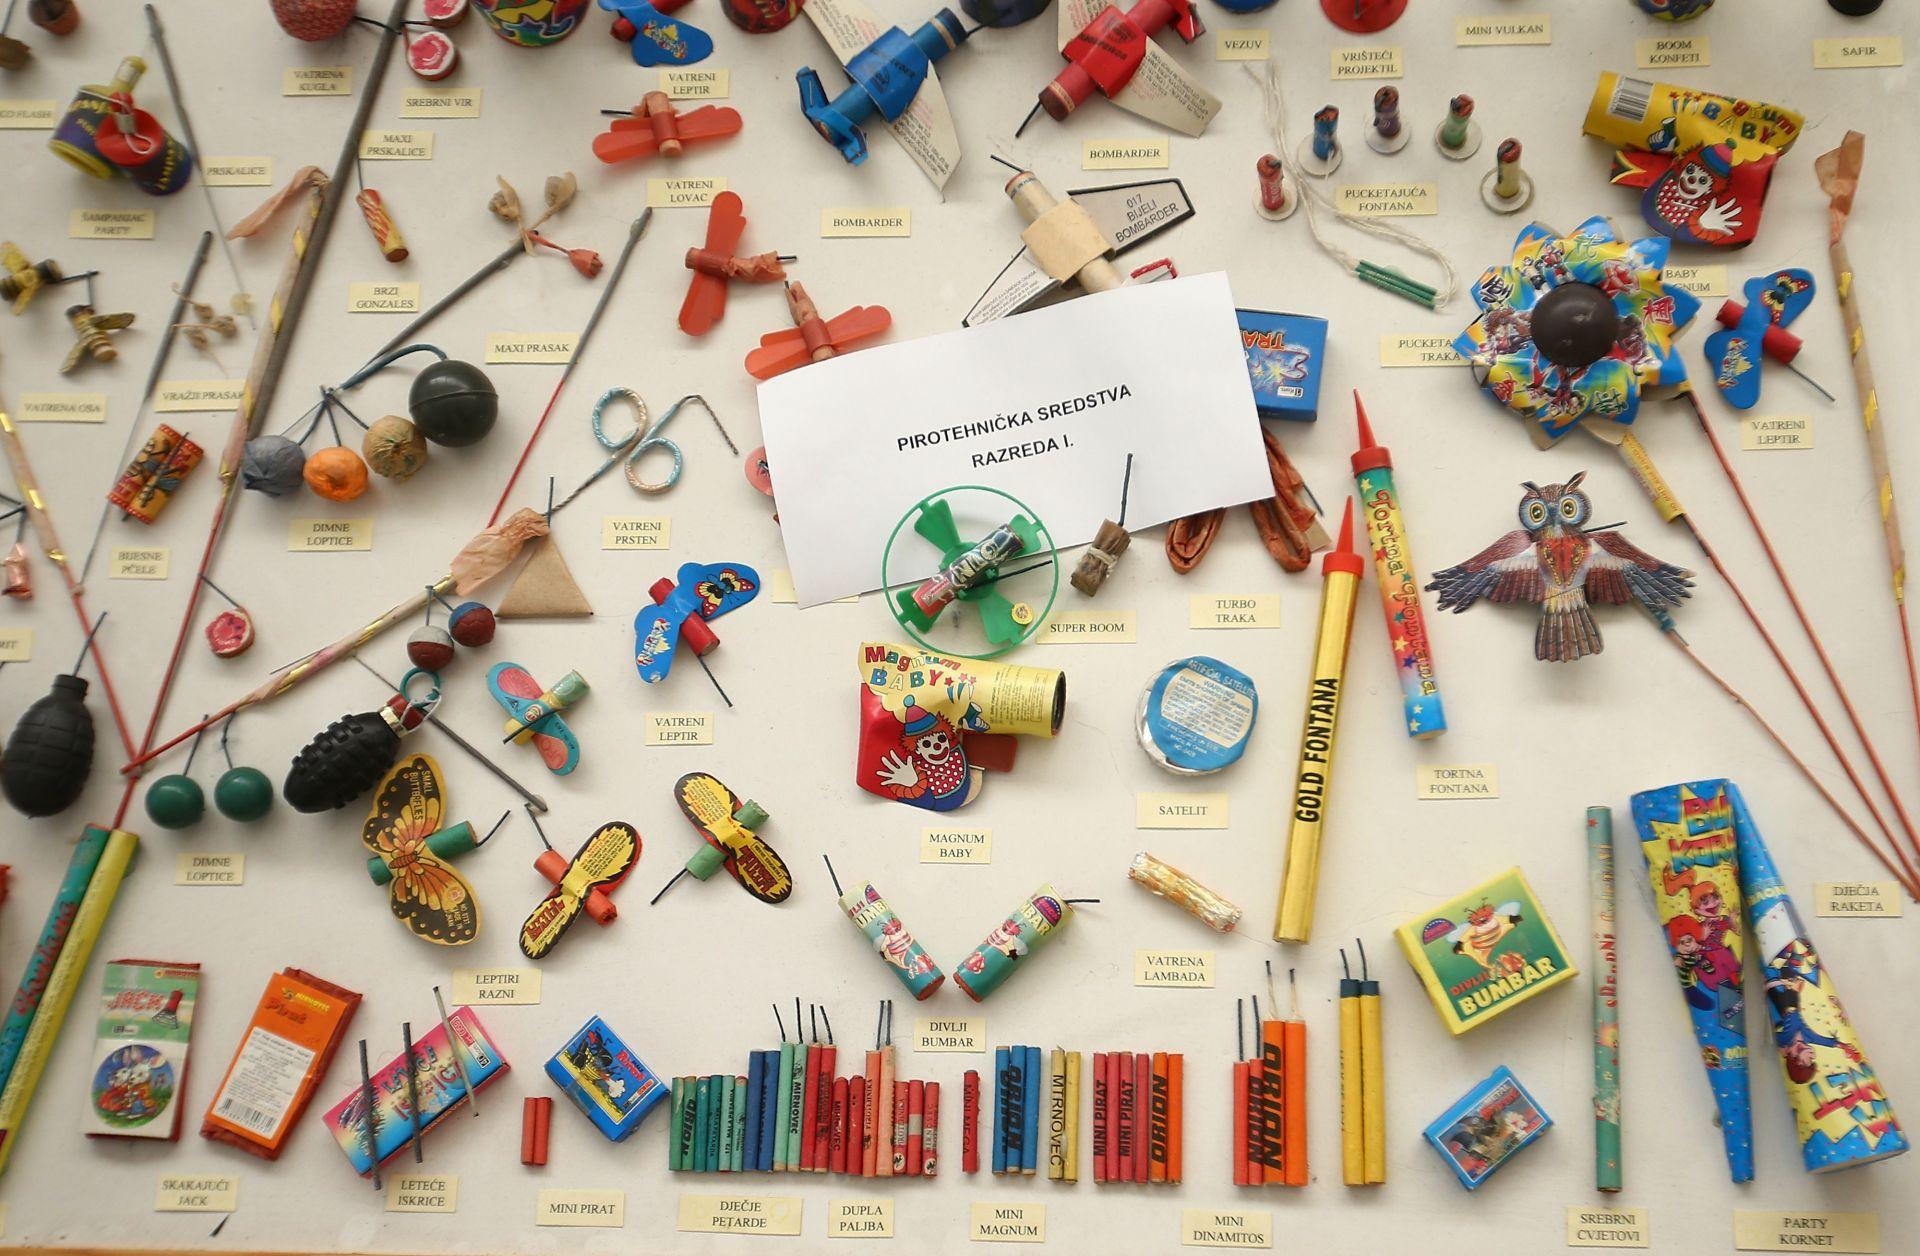 DANAS POČINJE AKCIJA 'MIR I DOBRO': MUP 'Petarde nisu igračke'